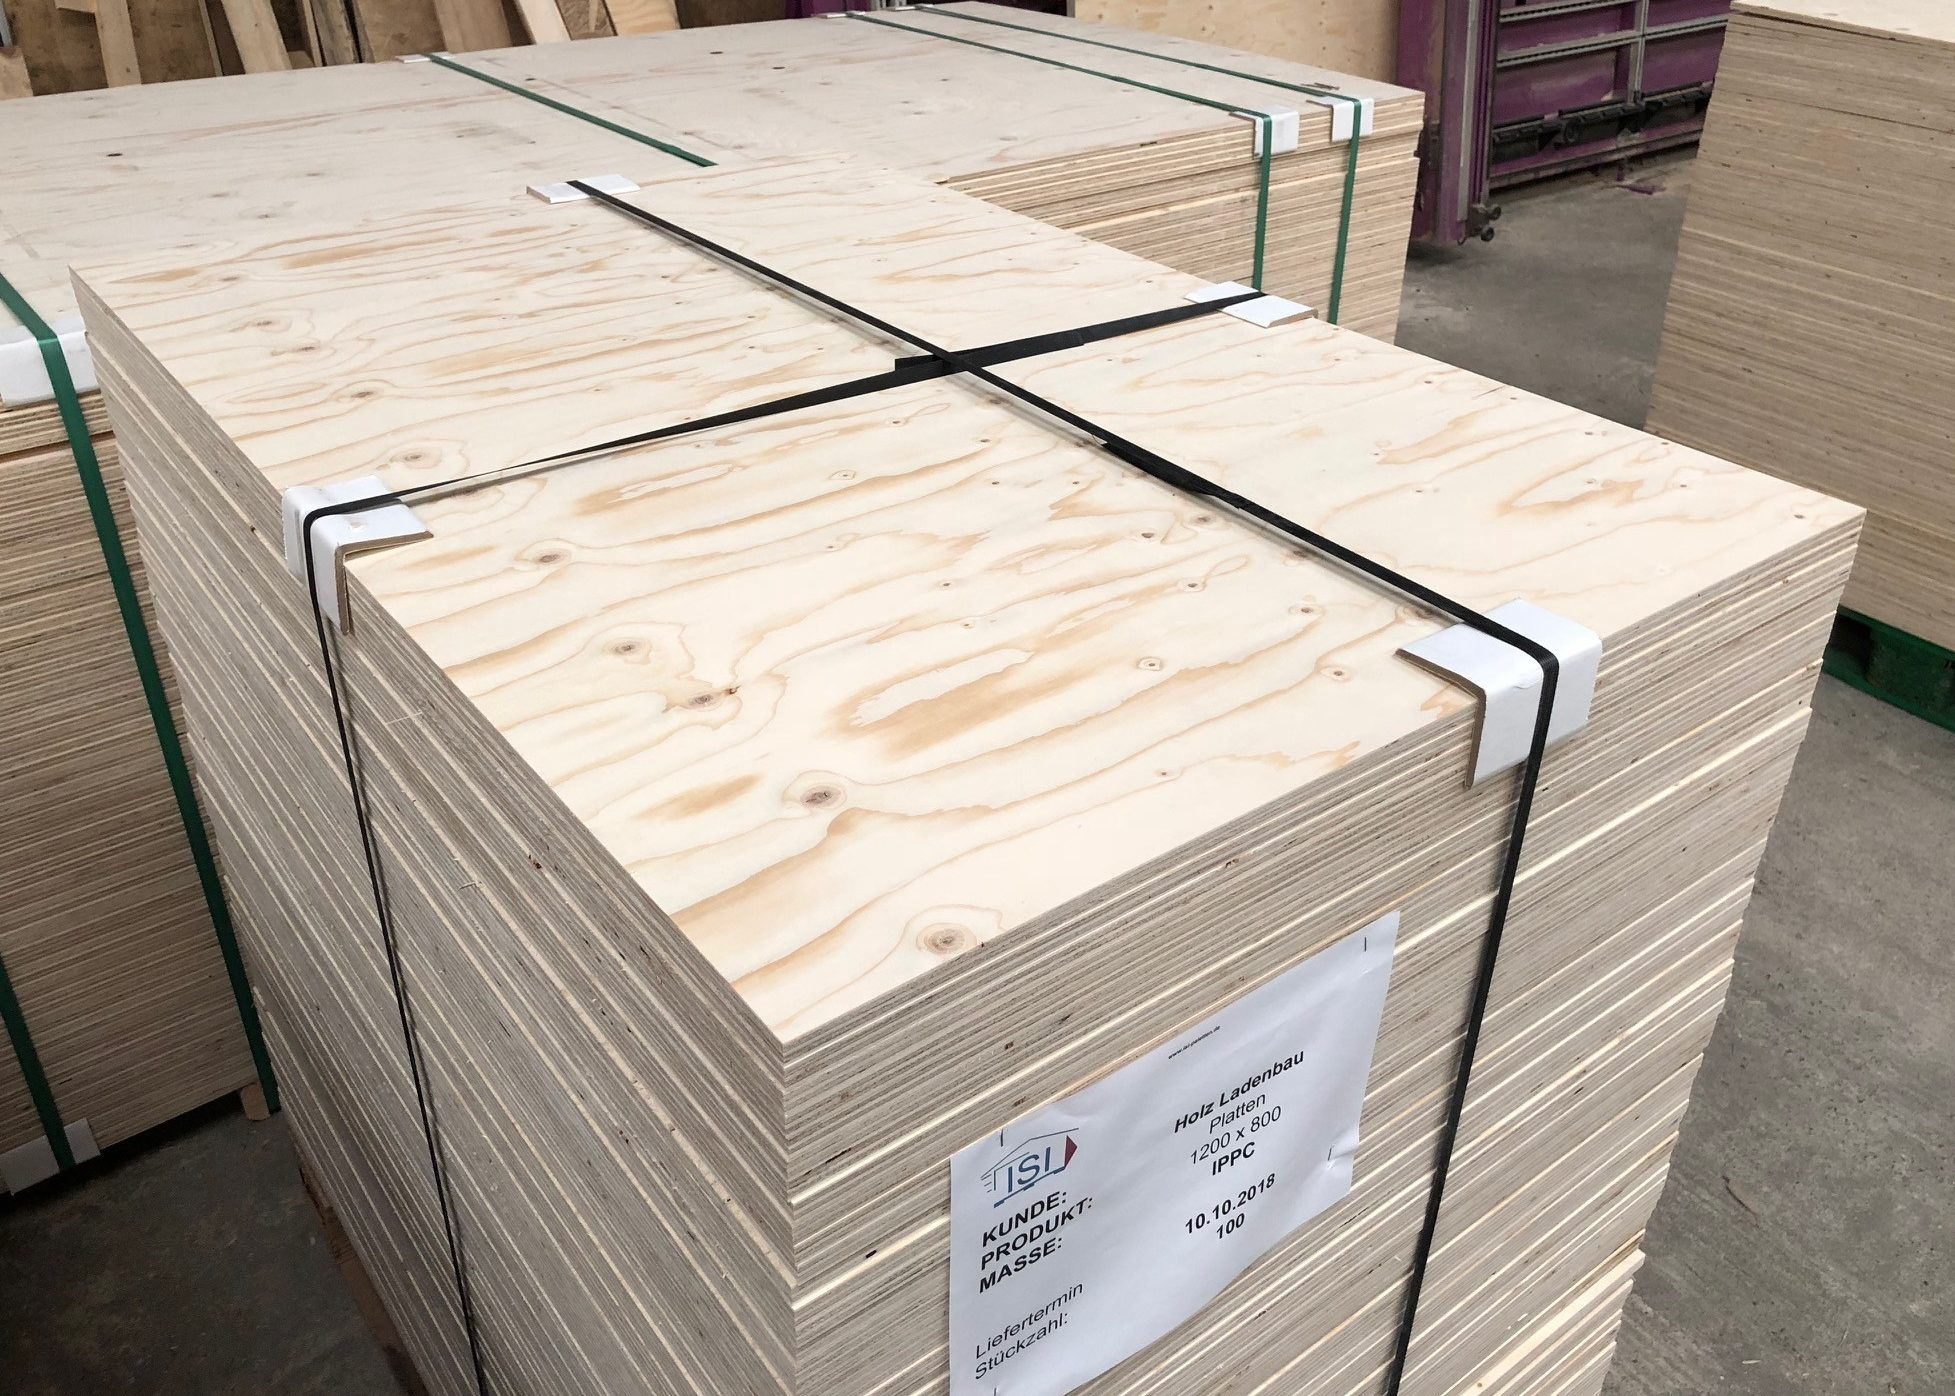 sperrholzdeckel 1200 x 800 mm f r europaletten aufsatzrahmen isi. Black Bedroom Furniture Sets. Home Design Ideas